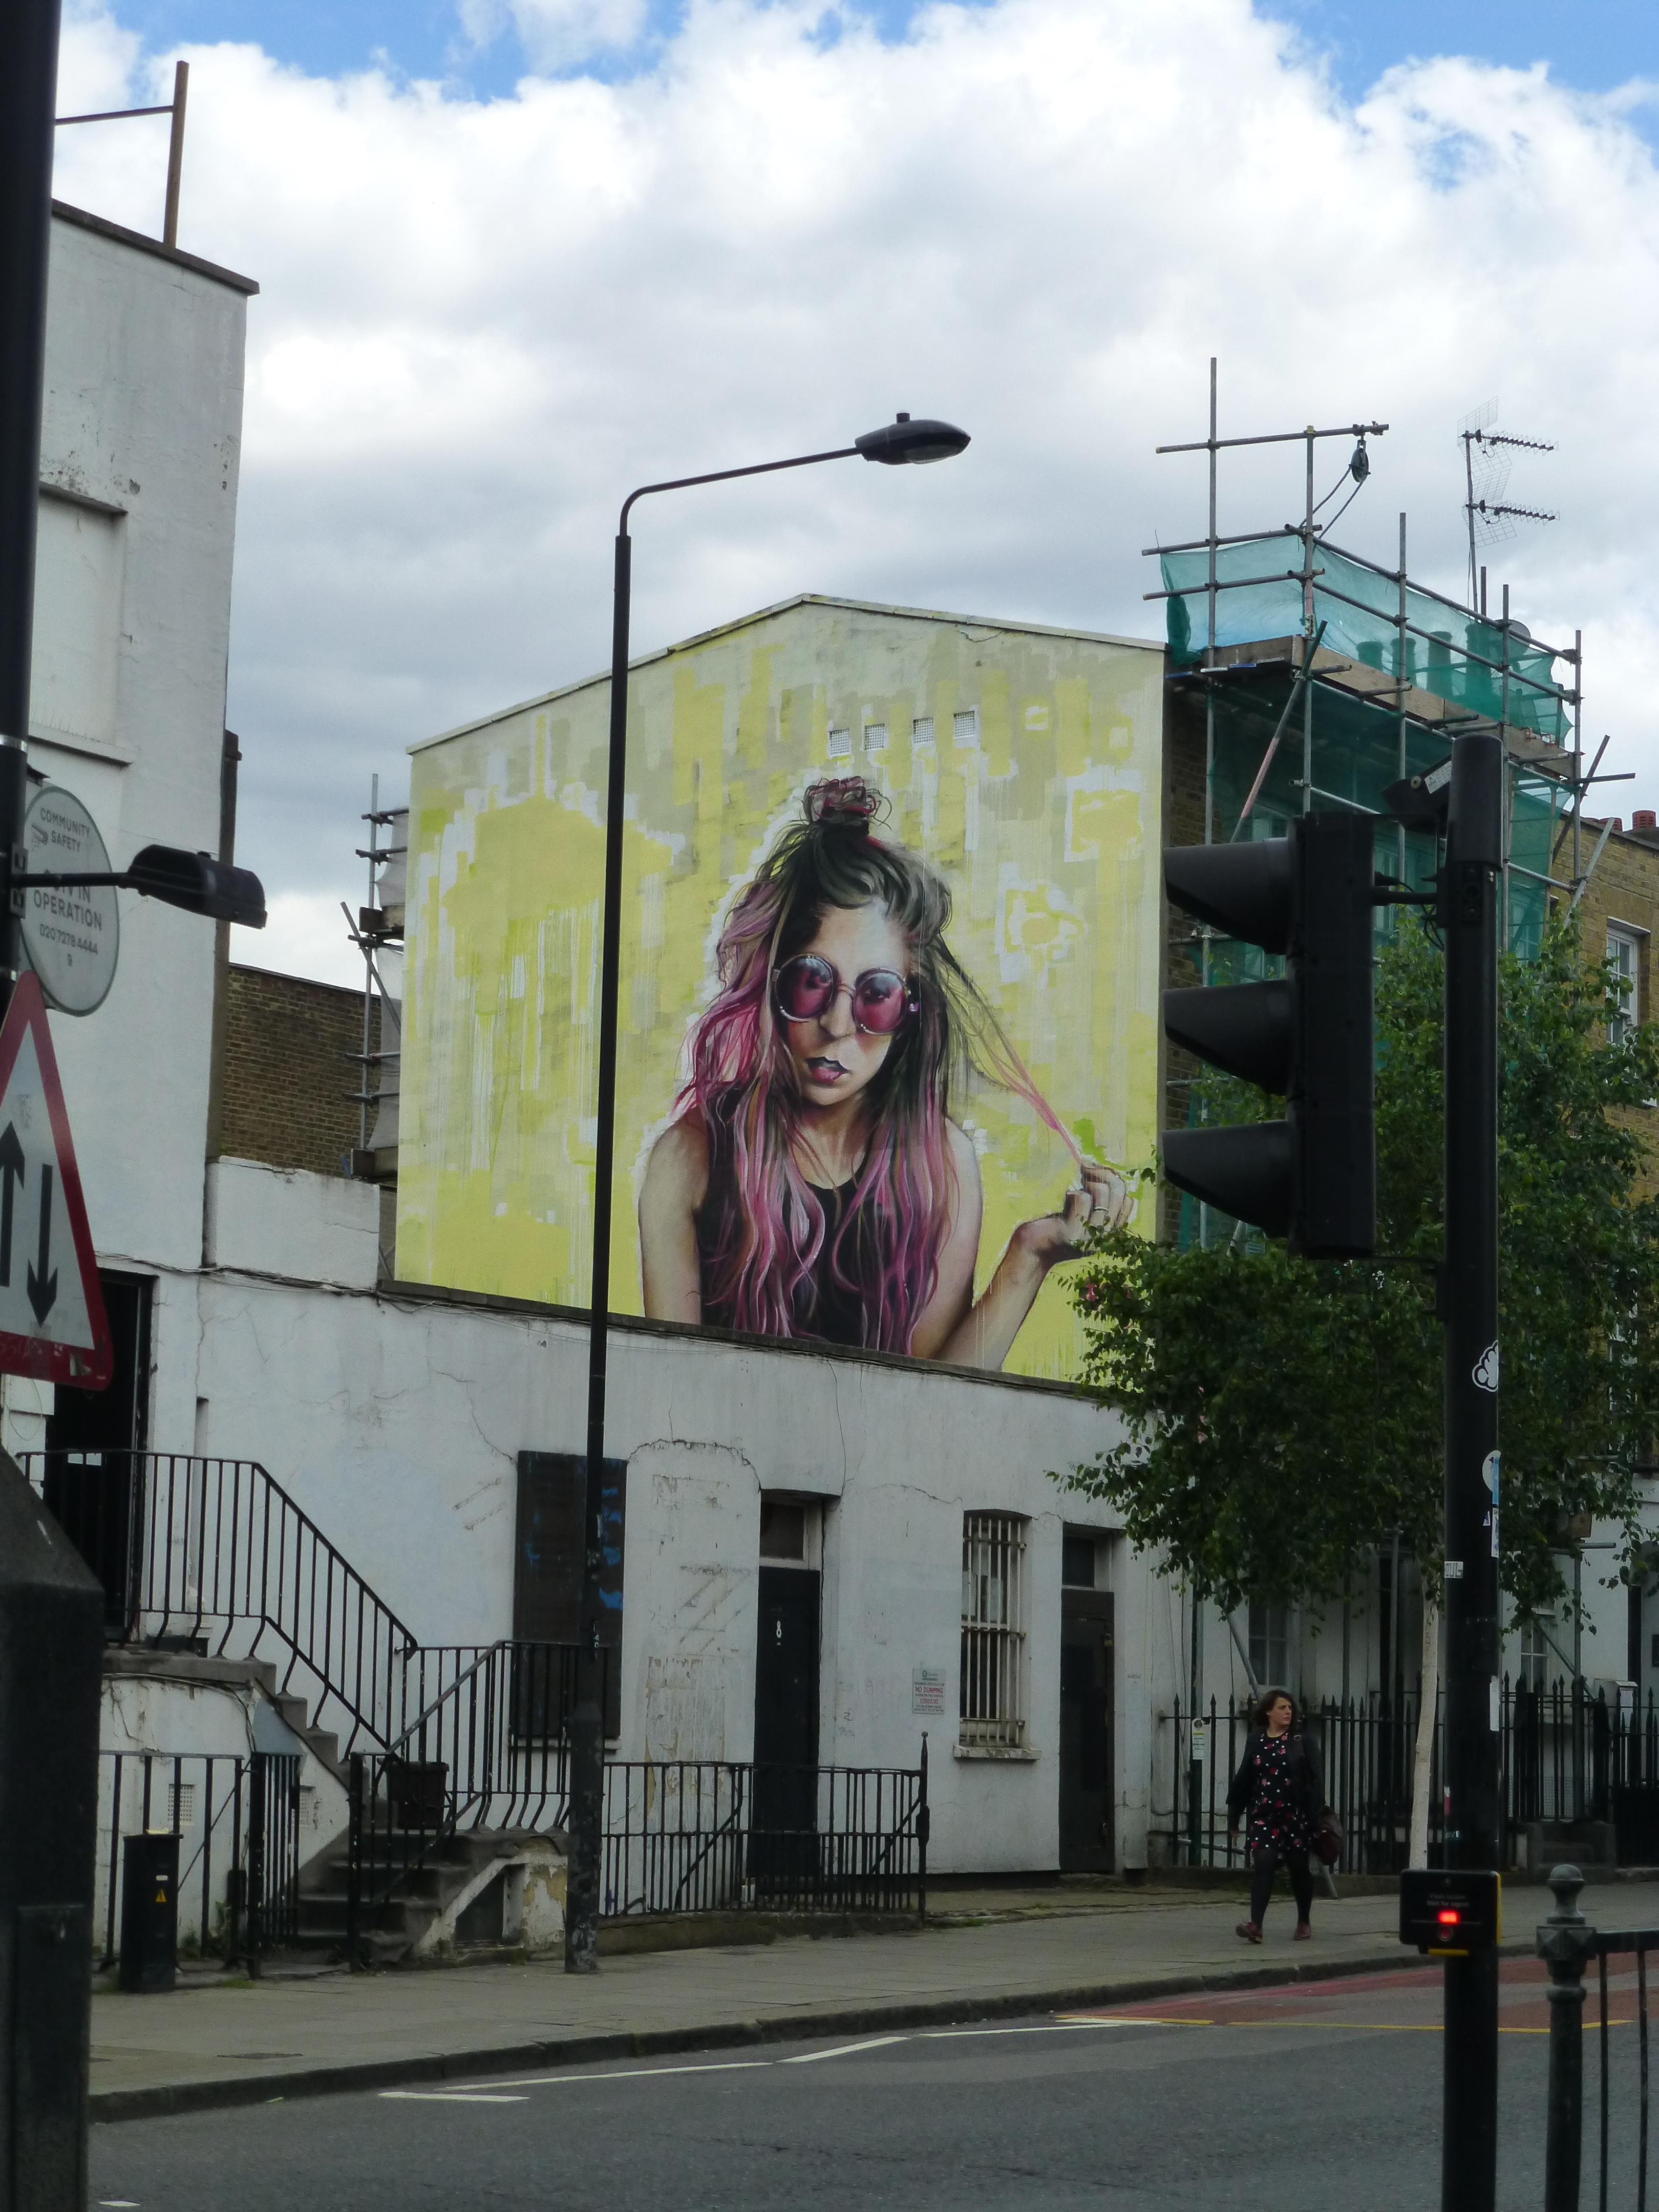 Camden Town: A Street Art Guide To Camden Town